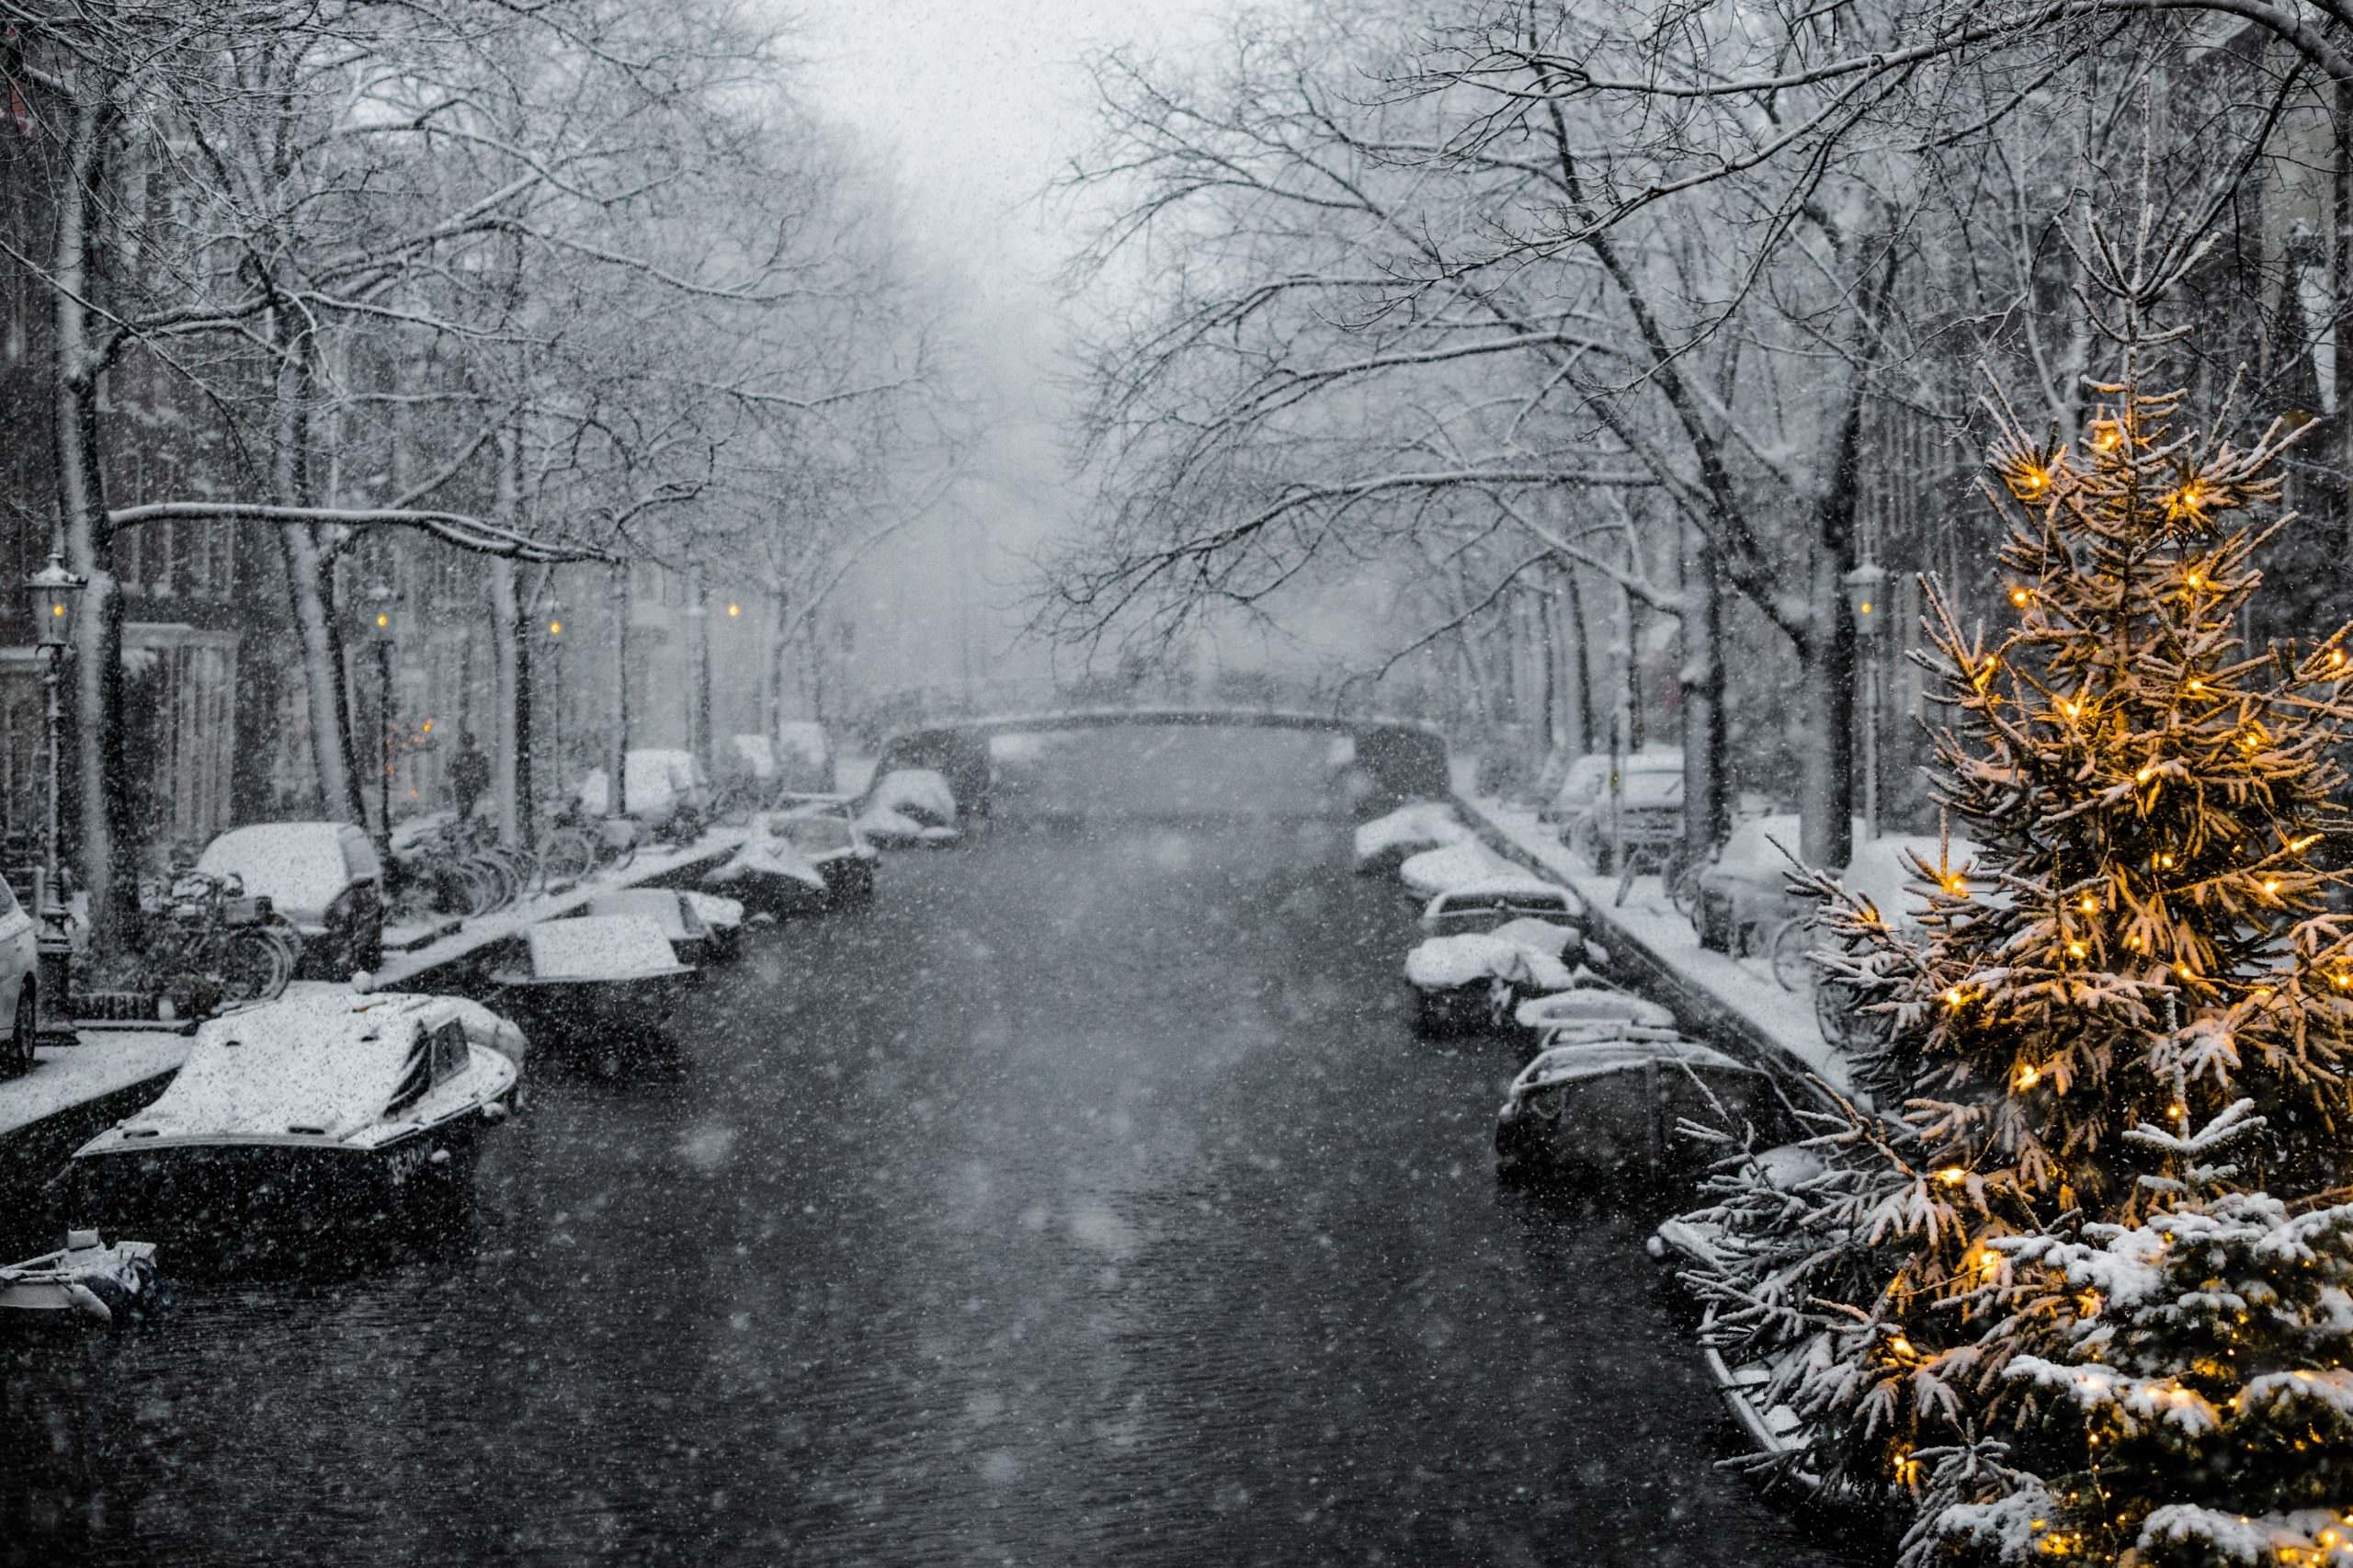 أجمل وجهات السفر العالمية لقضاء أجواء أعياد الميلاد الشتائية